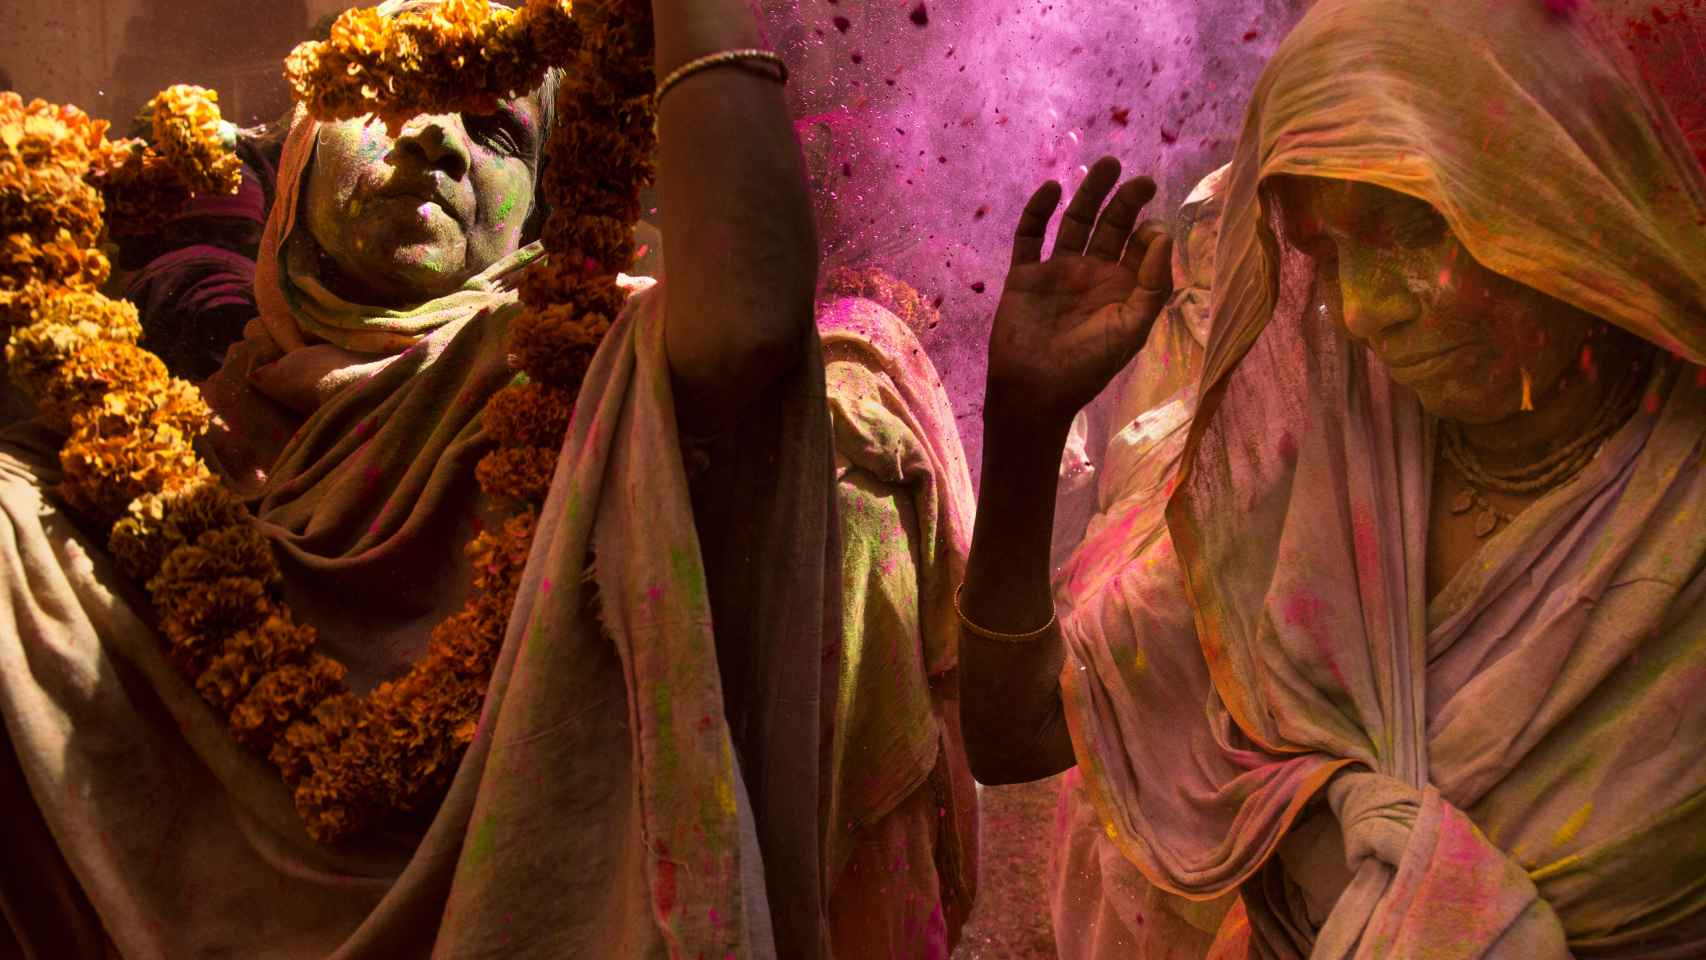 Dos mujeres en la ceremonia de Holi en la India.